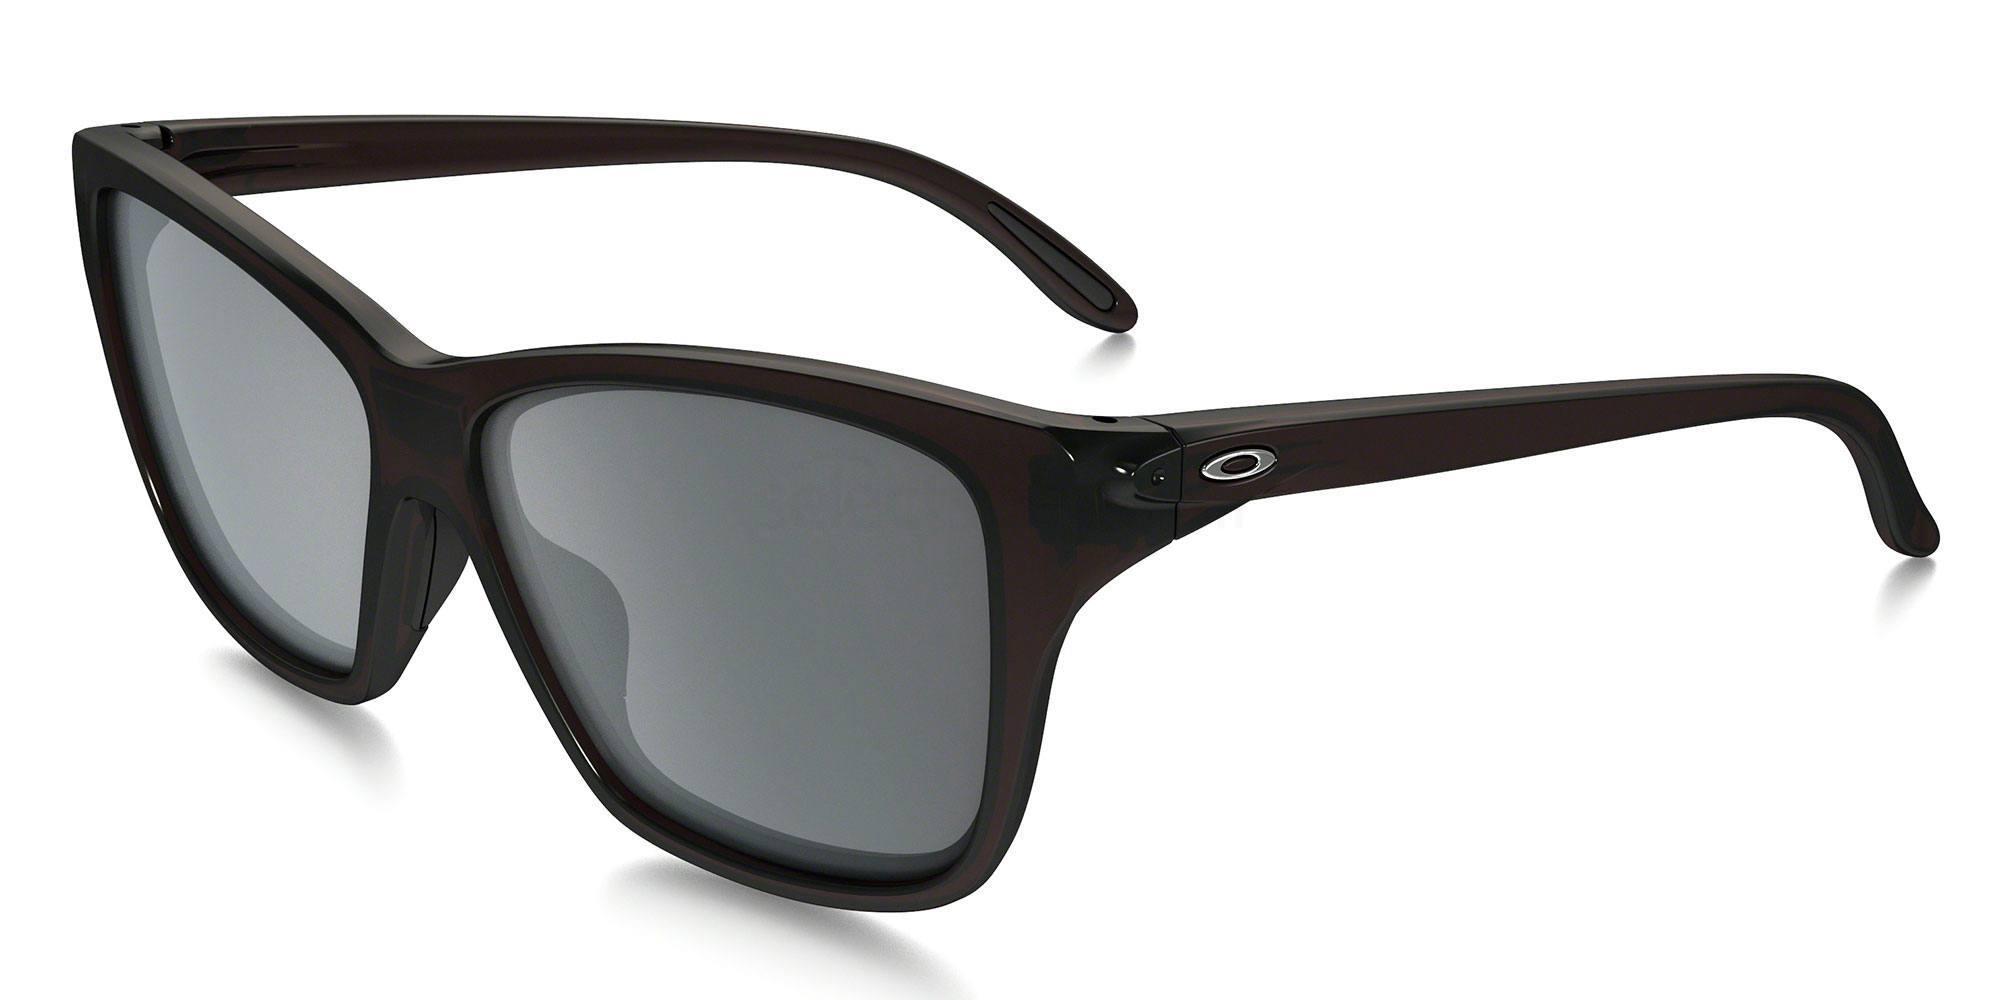 929804 OO9298 HOLD ON (Standard) Sunglasses, Oakley Ladies